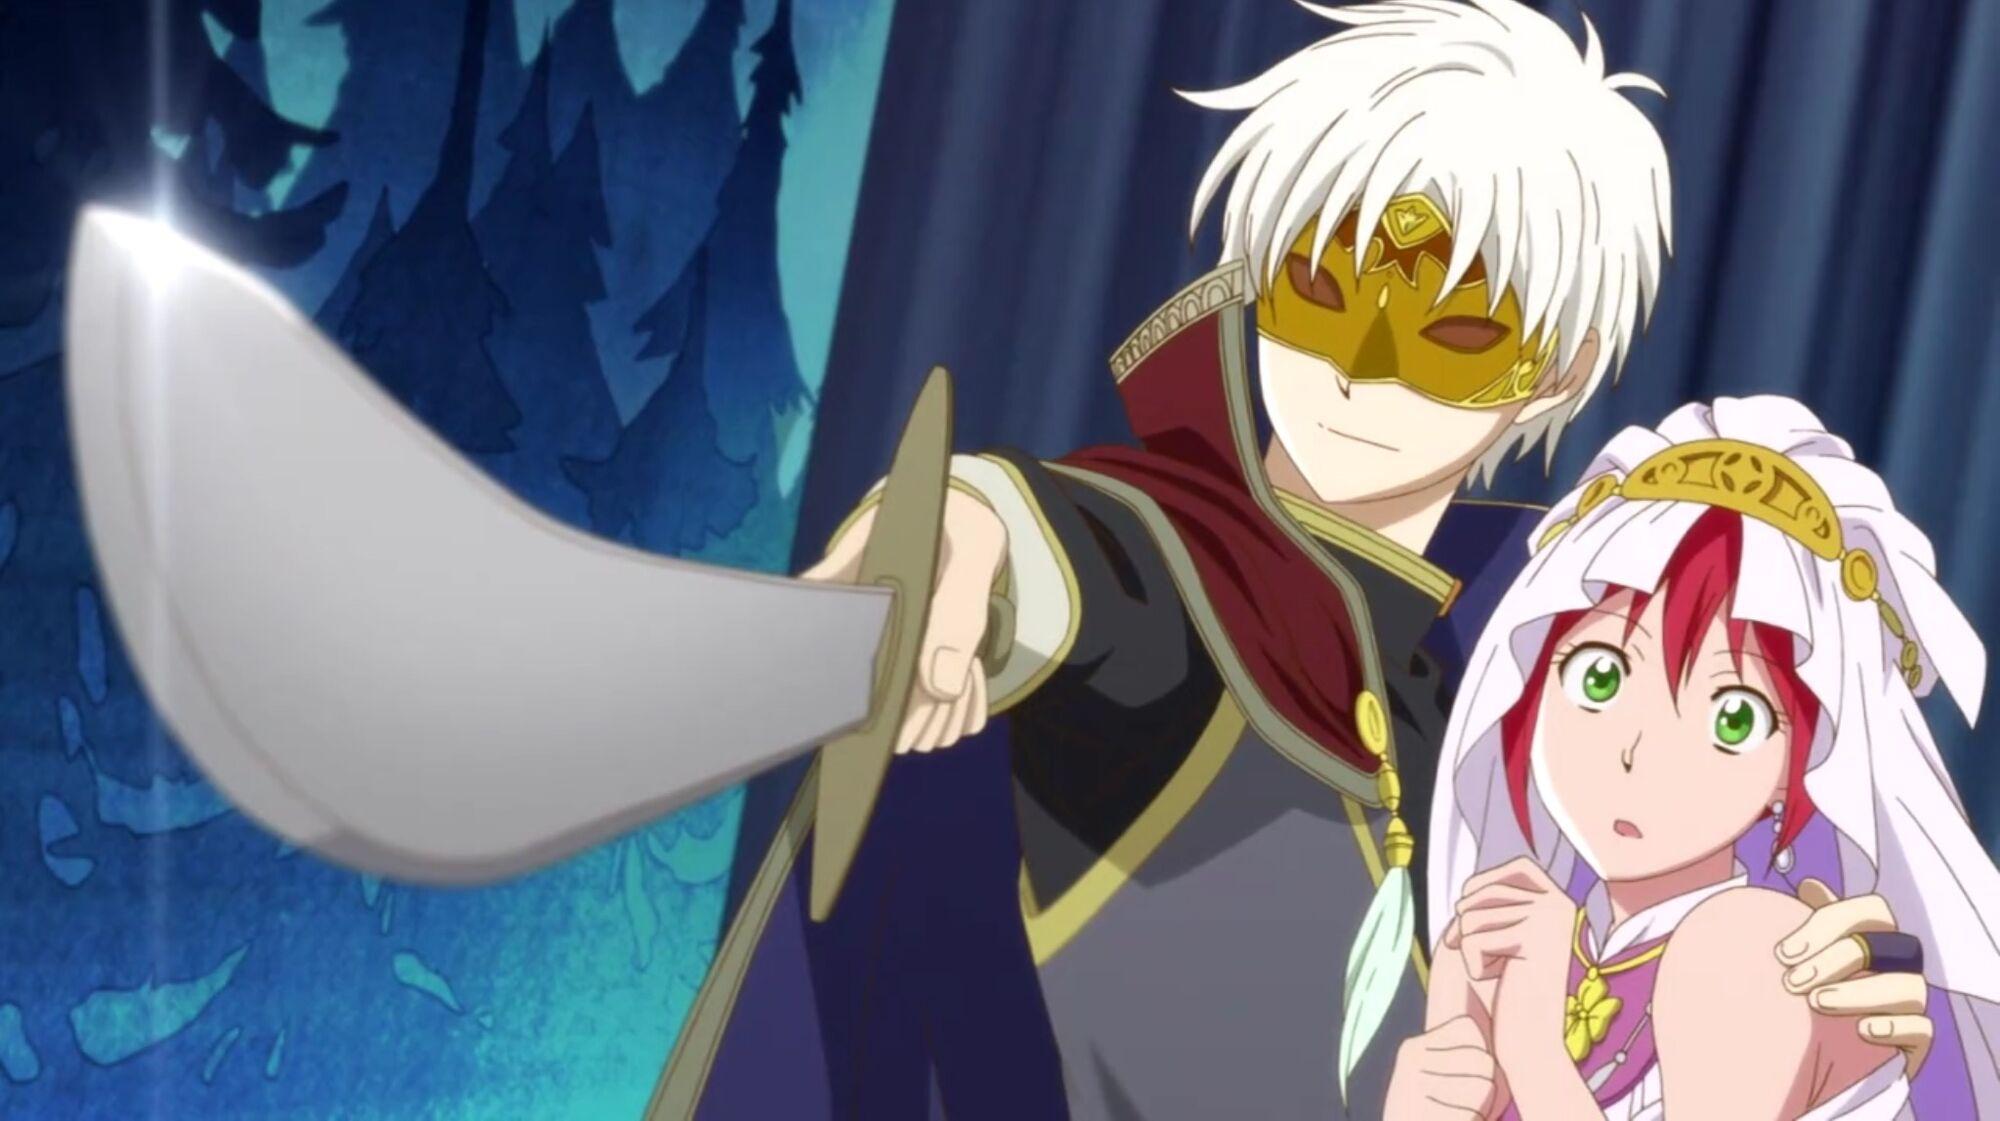 Akagami No Shirayukihime Staffel 2 Ger Sub